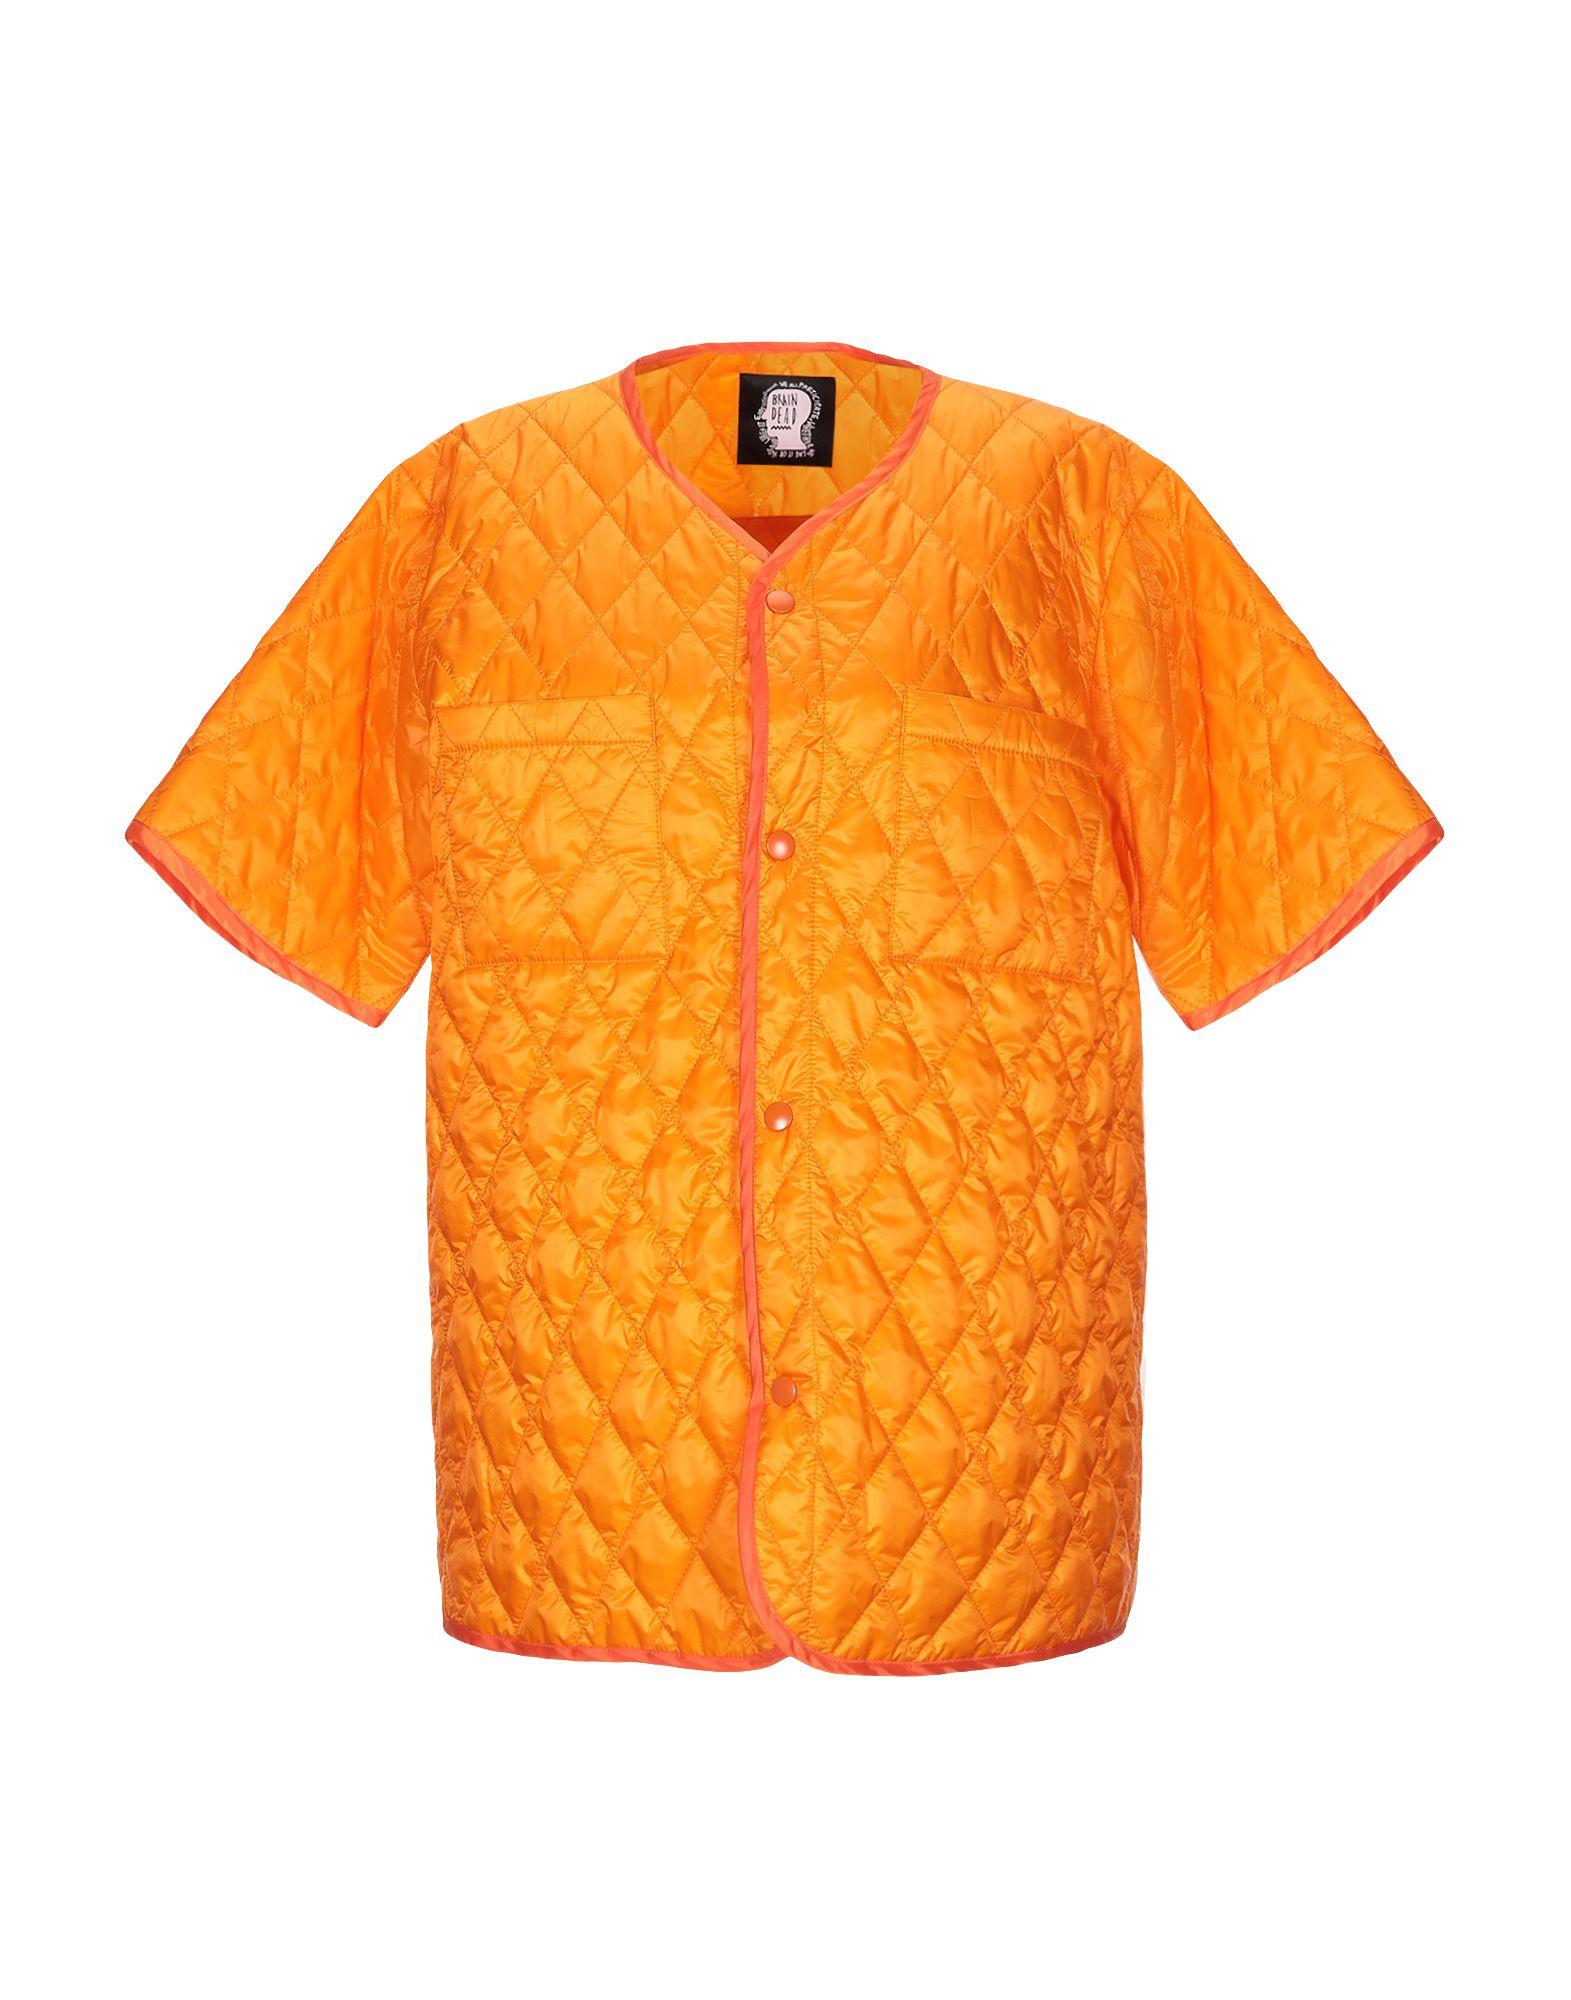 《送料無料》BRAIN DEAD レディース ブルゾン オレンジ M ナイロン 100%